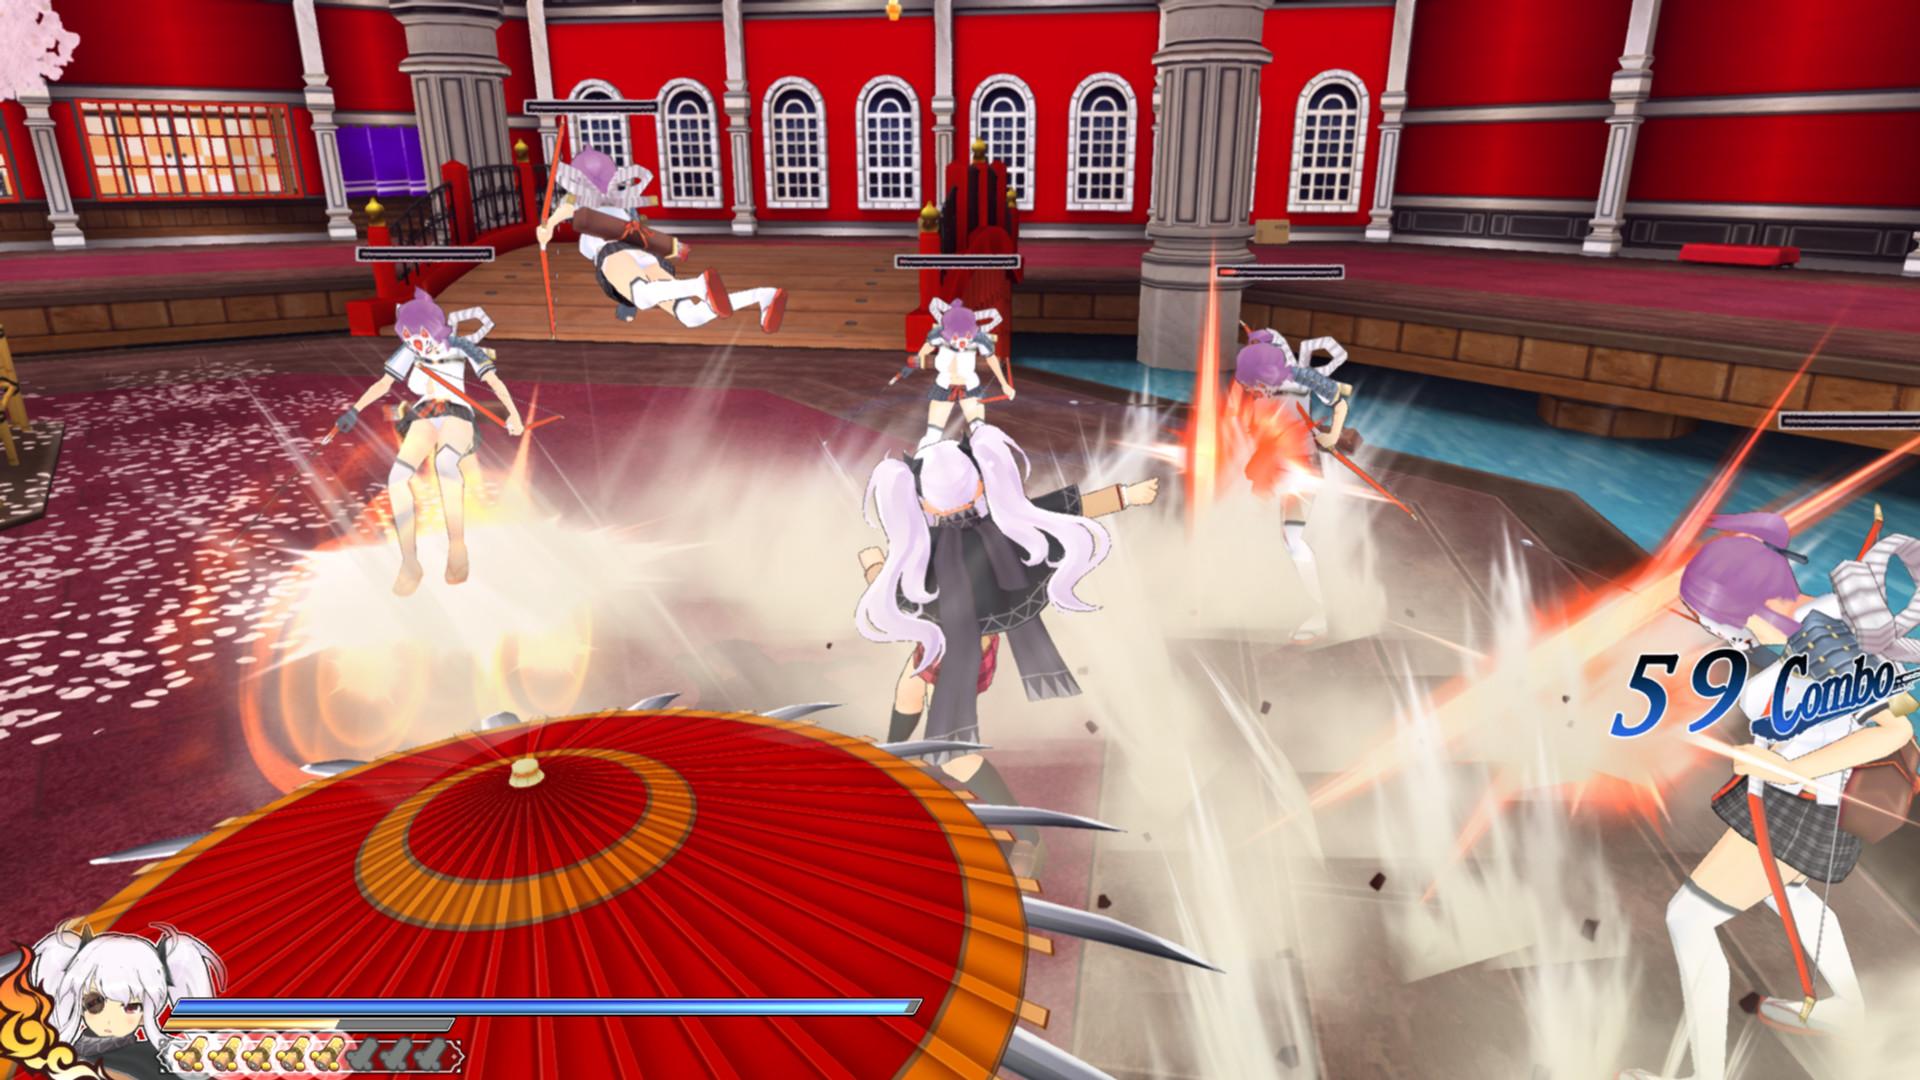 Senran Kagura: Shinovi Versus Screenshot 2